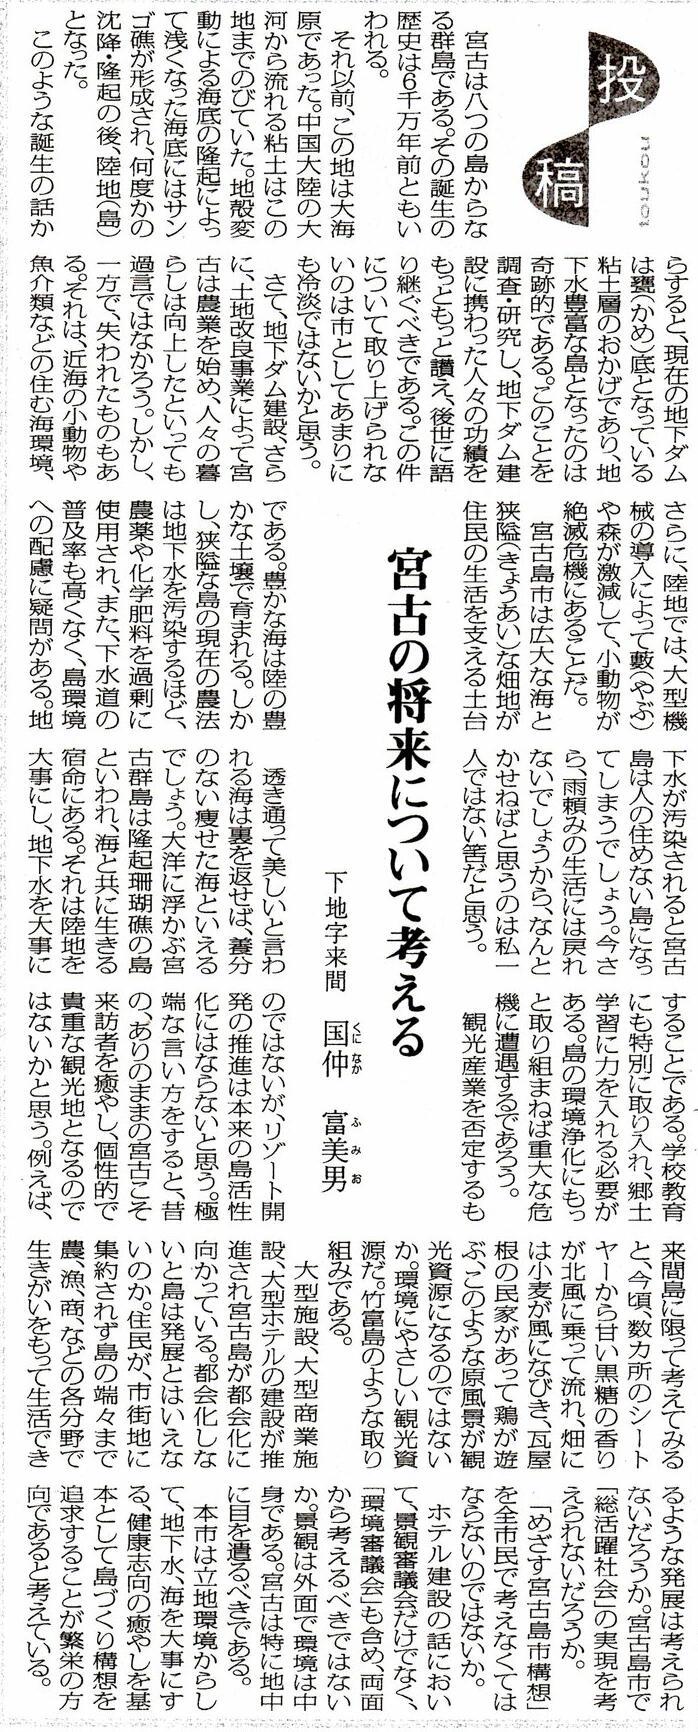 miyakomainichi2016 03232